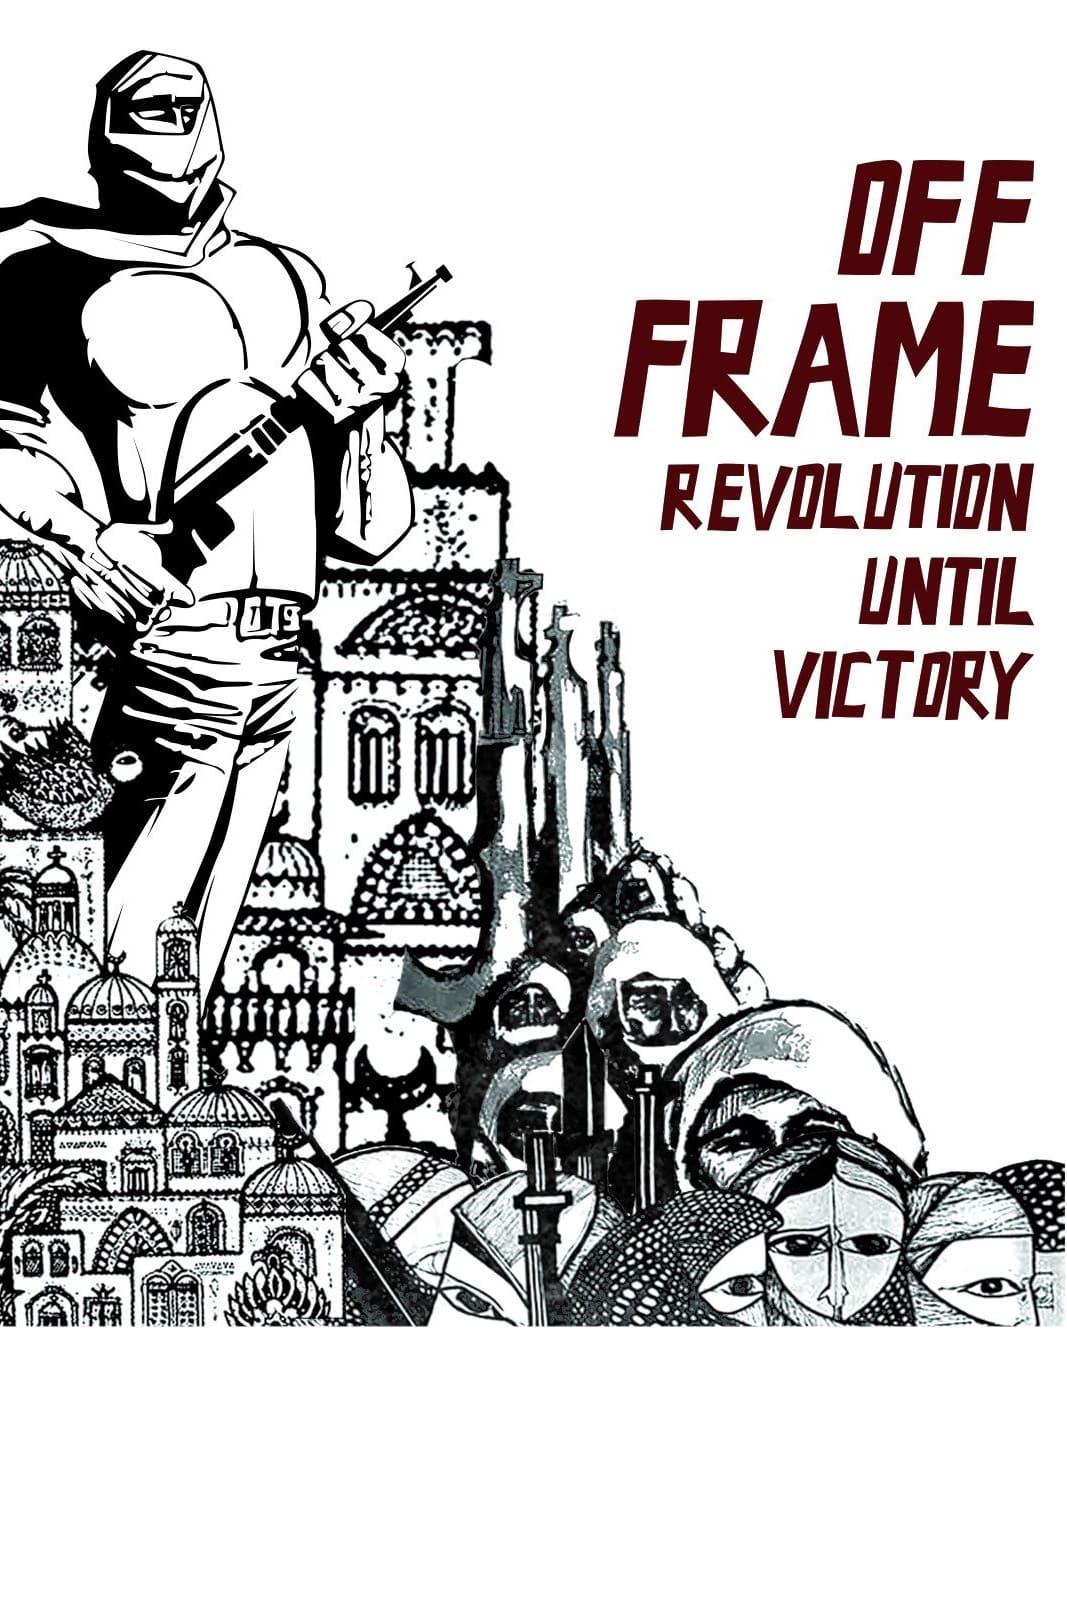 Off Frame AKA Revolution Until Victory (2016)